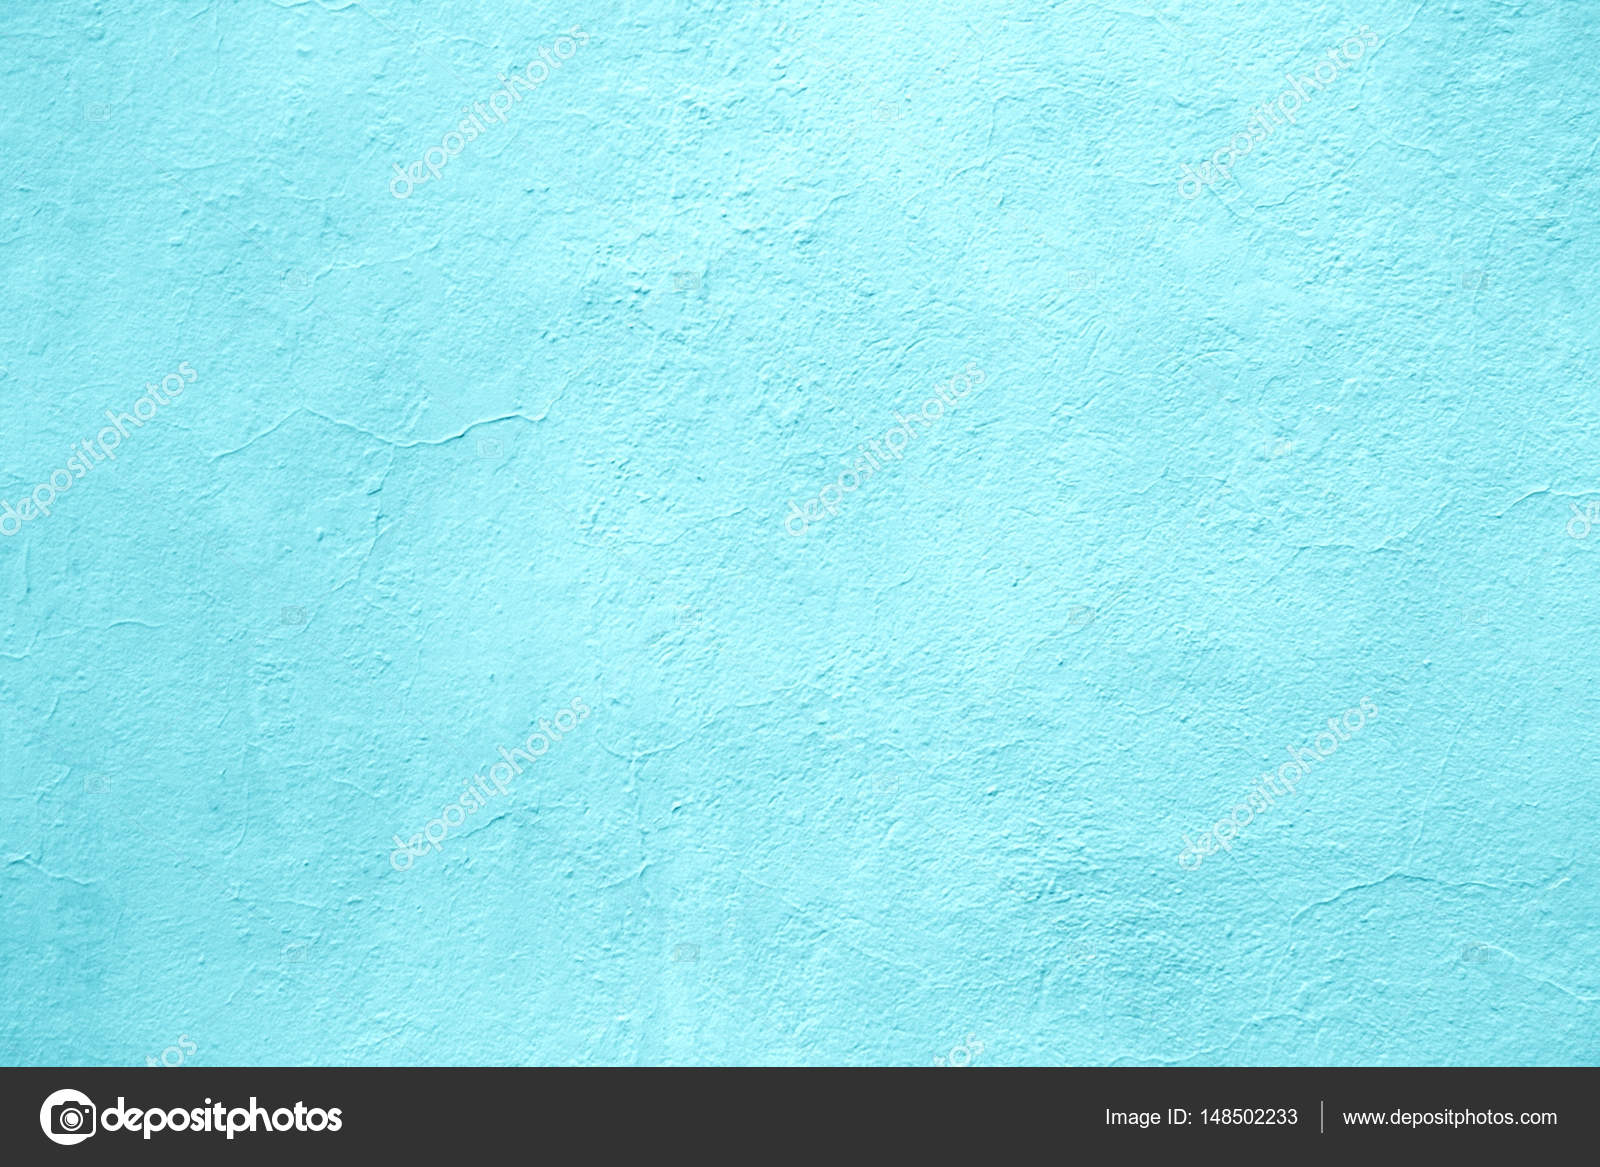 6e6f230009c8 Azul aguamarina claro | muro de hormigón de color azul claro, detrás ...